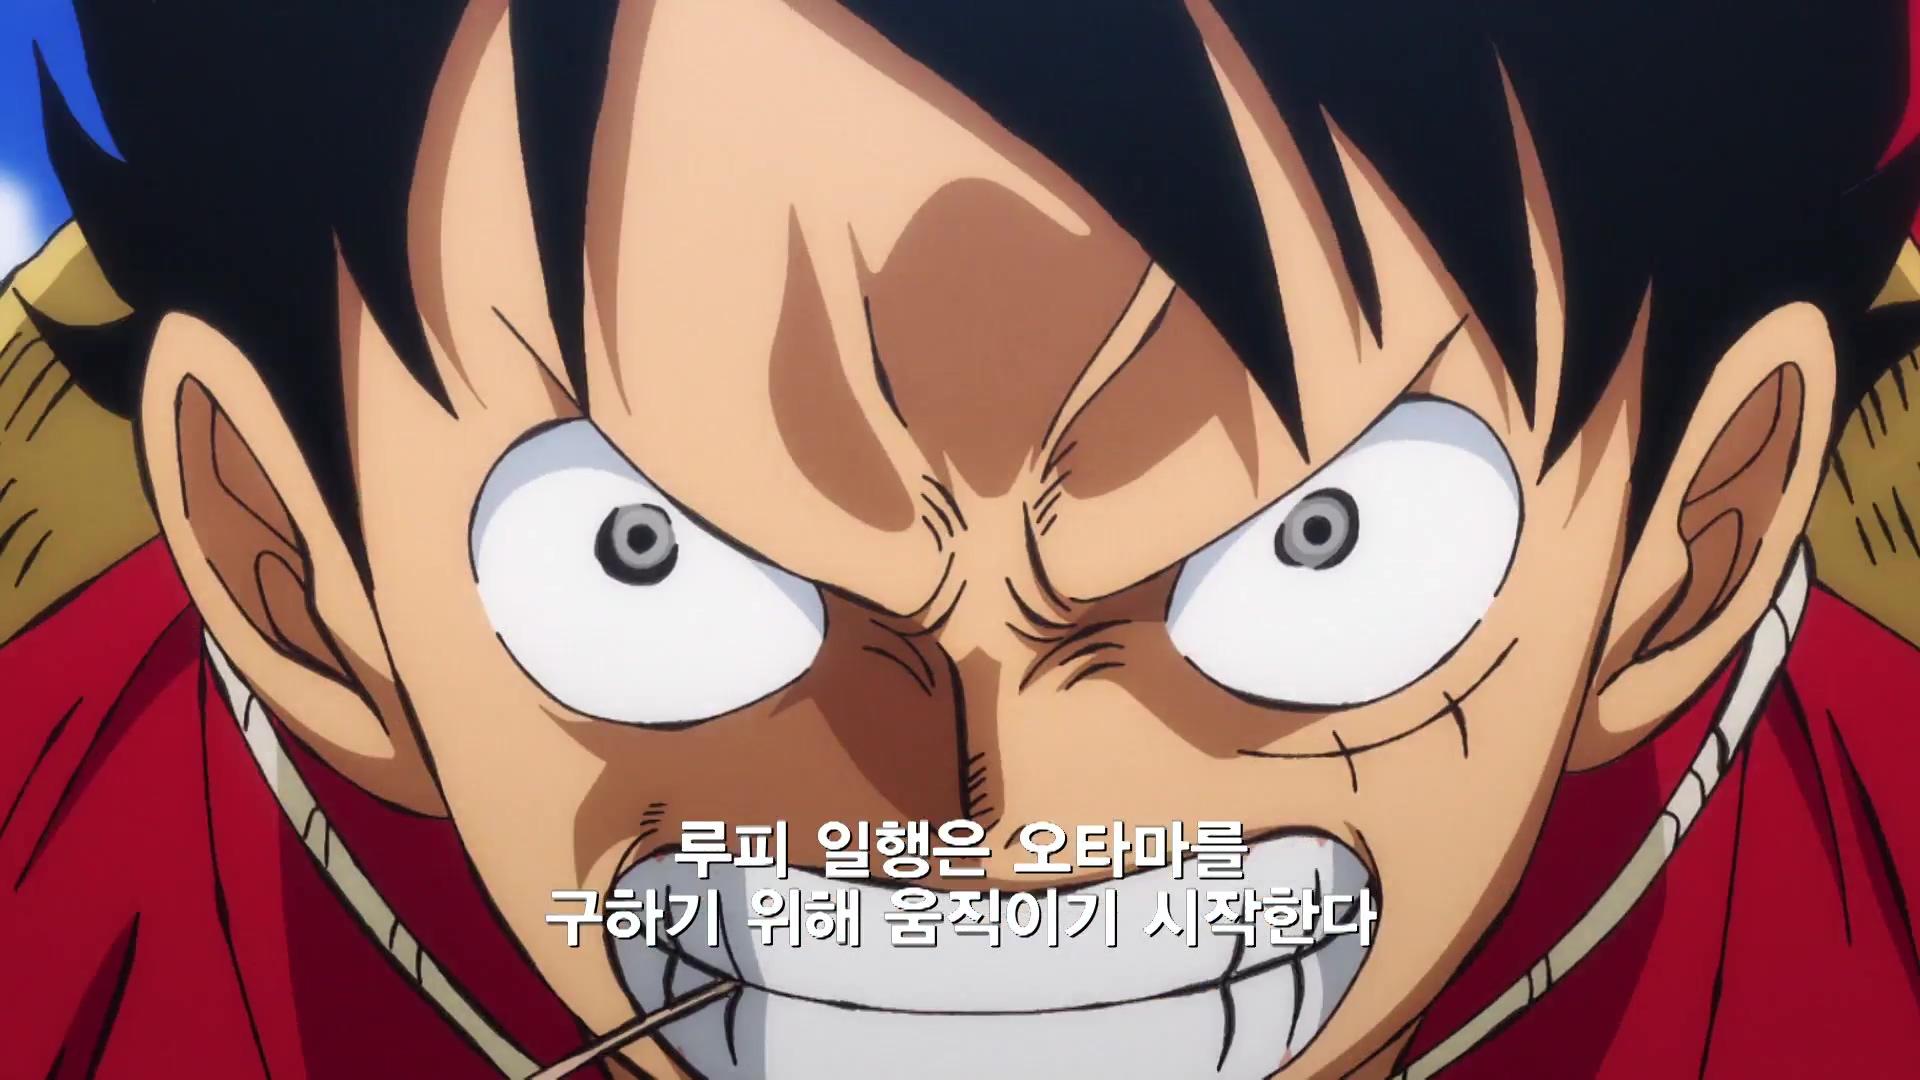 22화 요코즈나 등장 오키쿠를 노리는 무적의 우라시마!